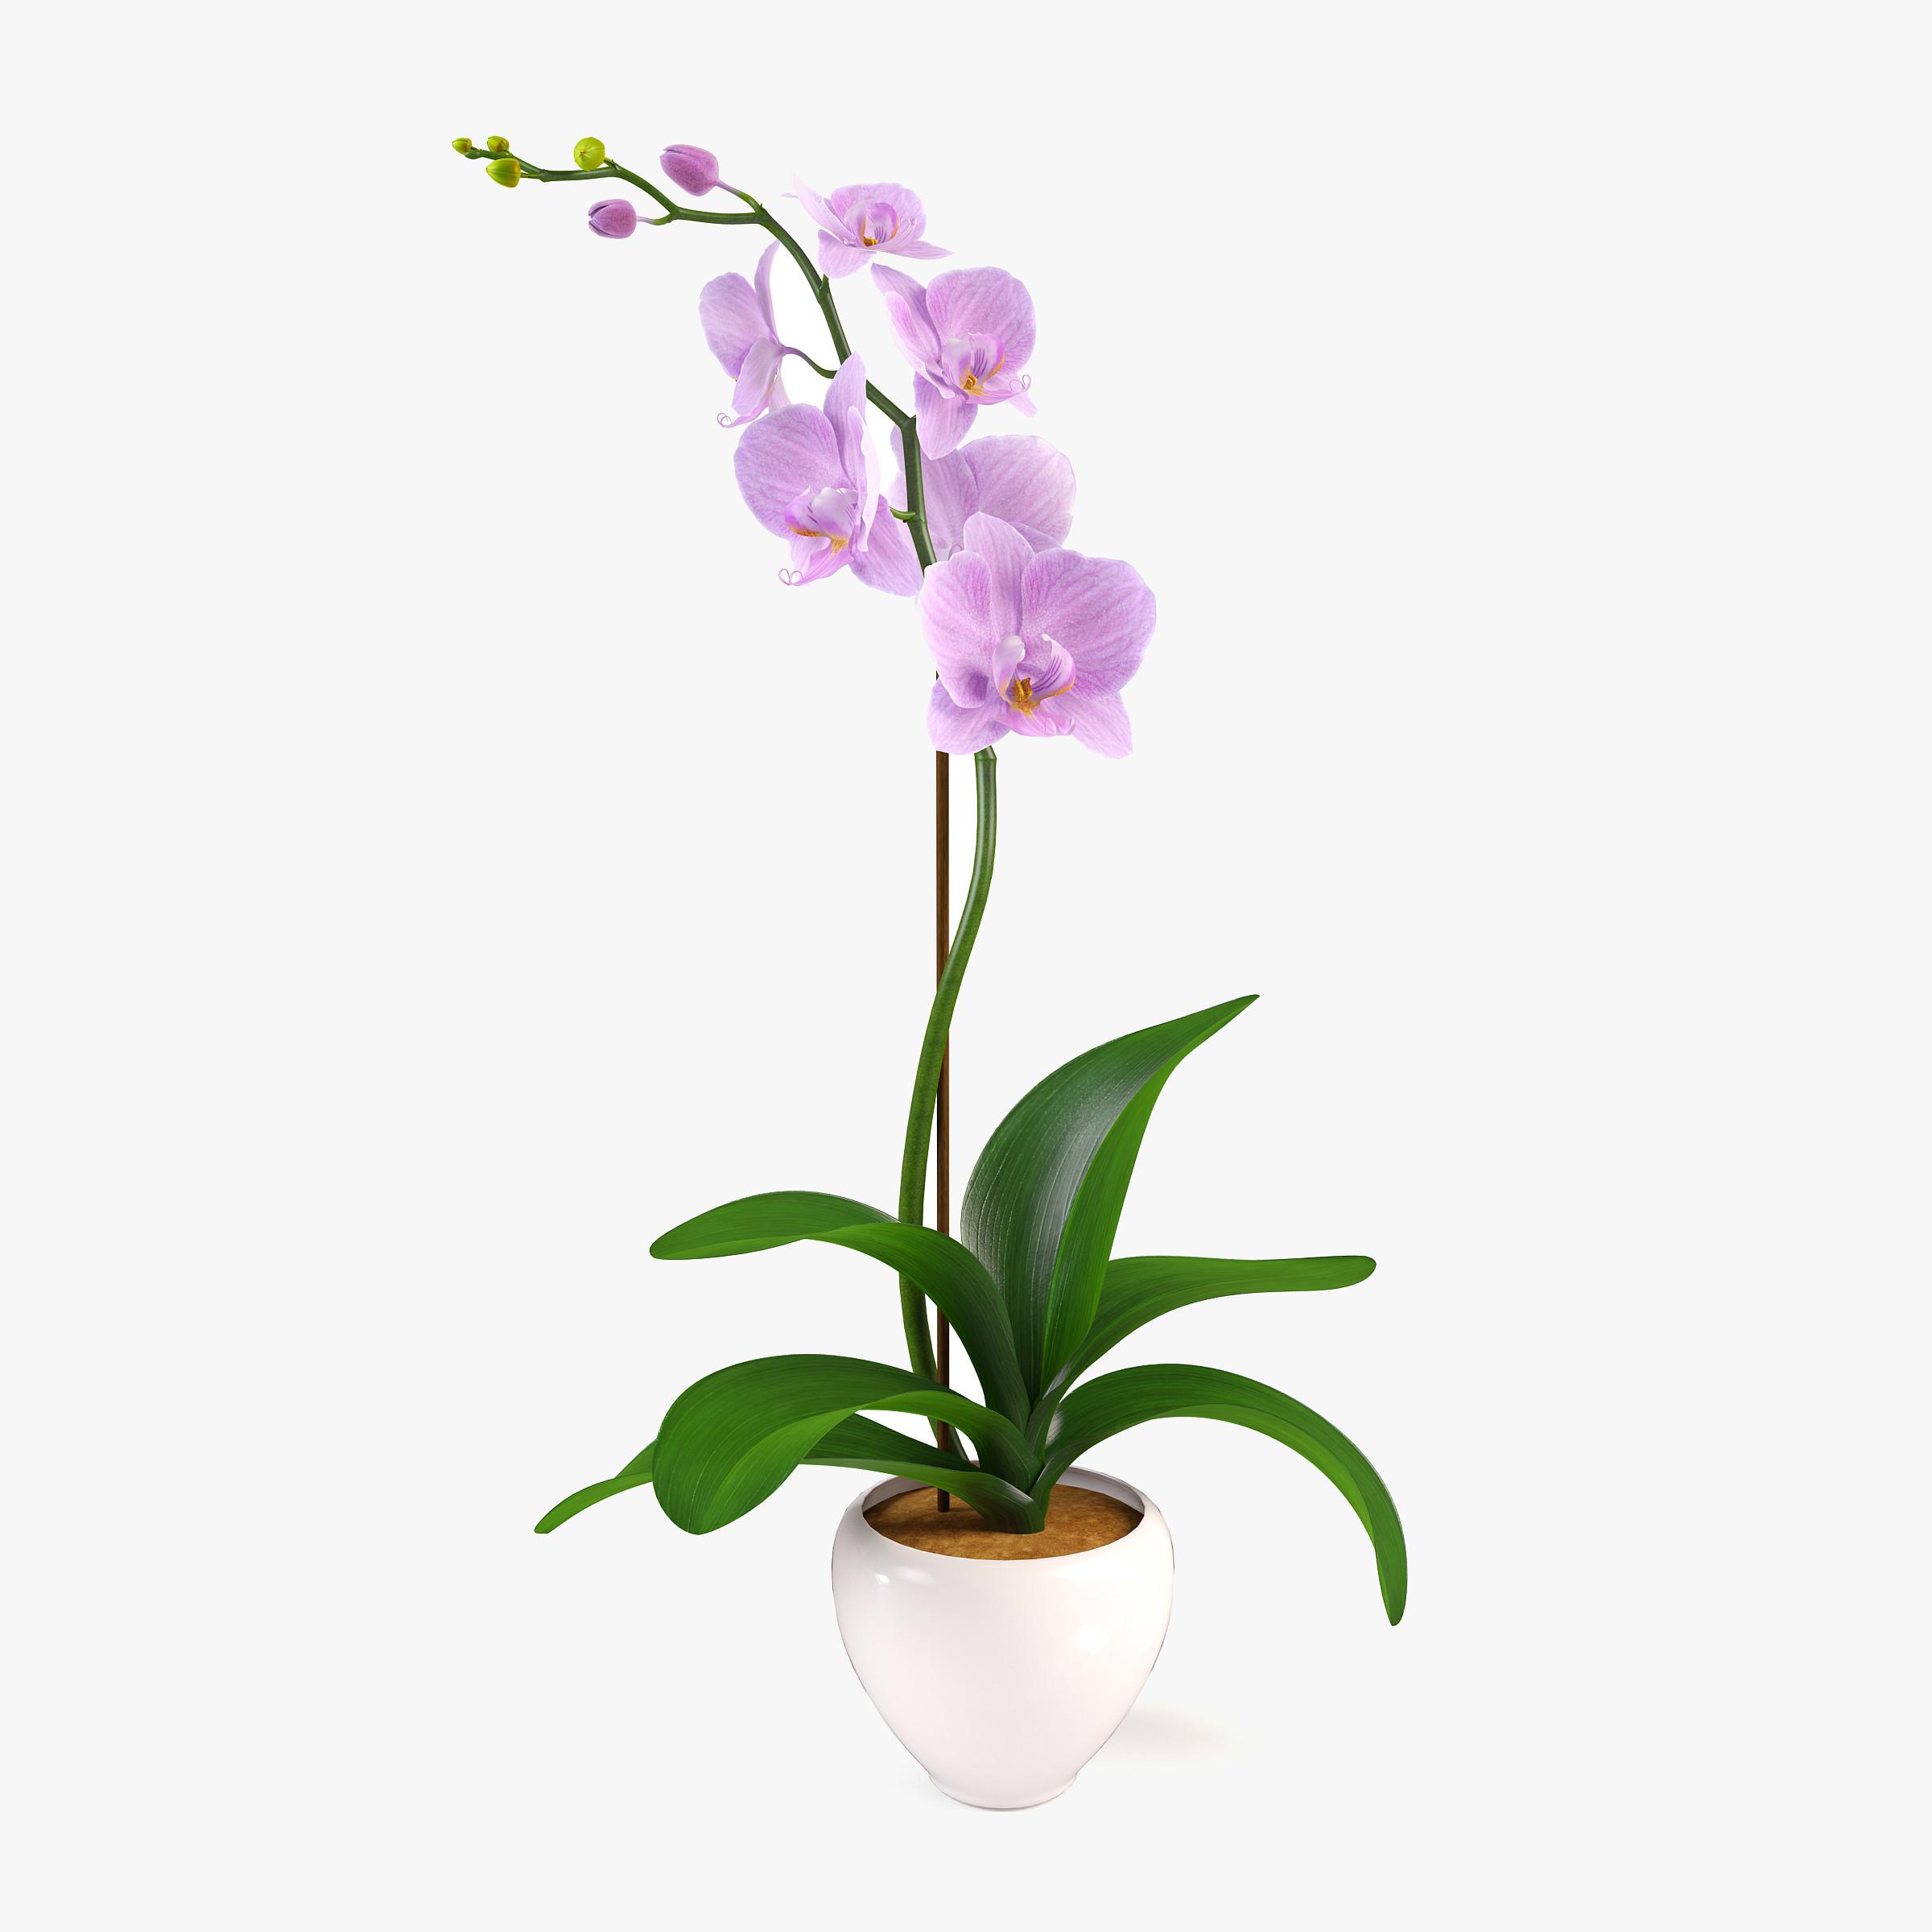 pr_orchid1.jpg